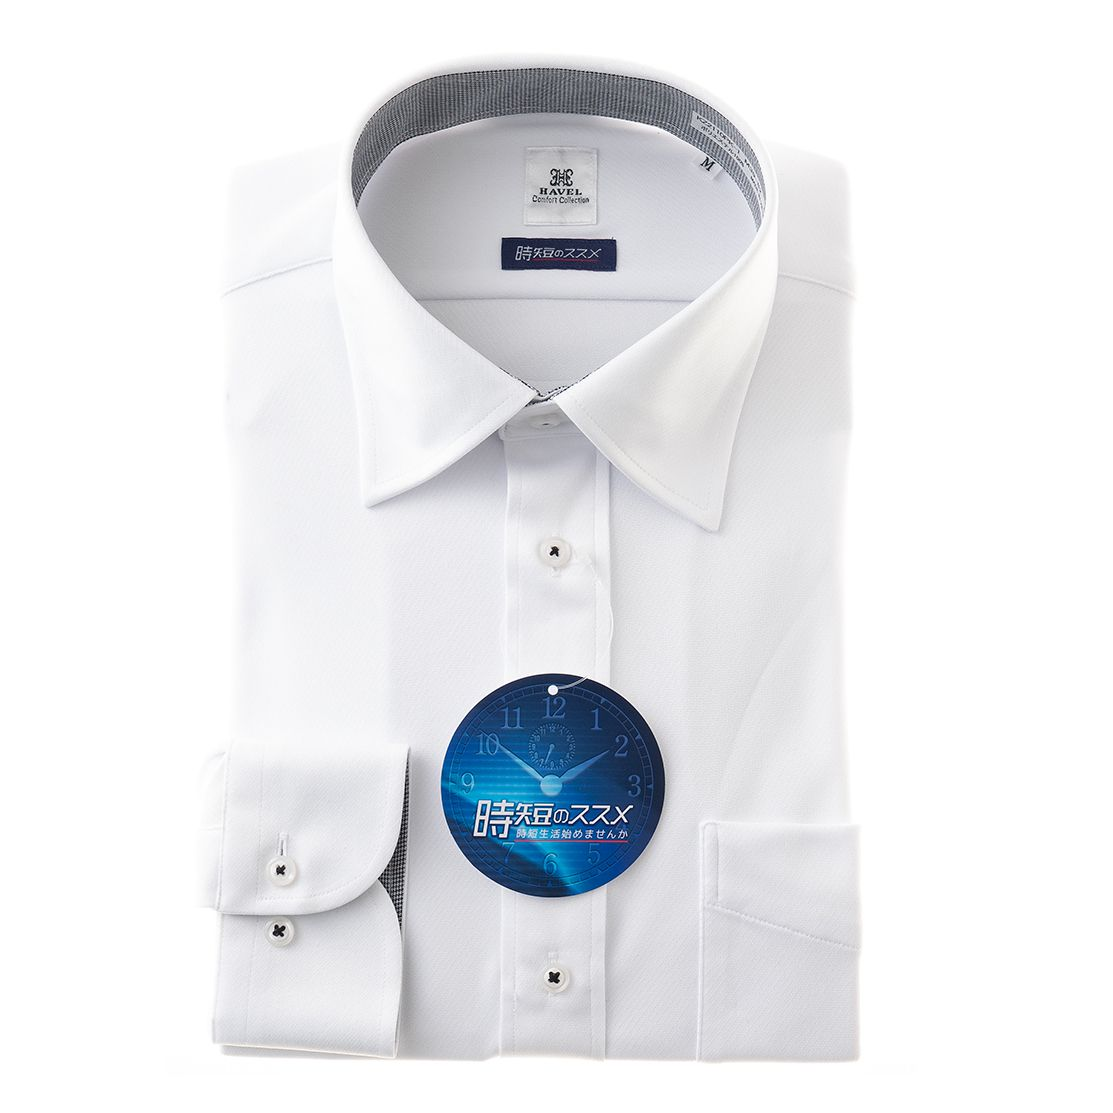 プルオーバーニットシャツ・吸水速乾・形態安定 セミワイド ワイシャツ 長袖 【HAVEL Comfort Collection】